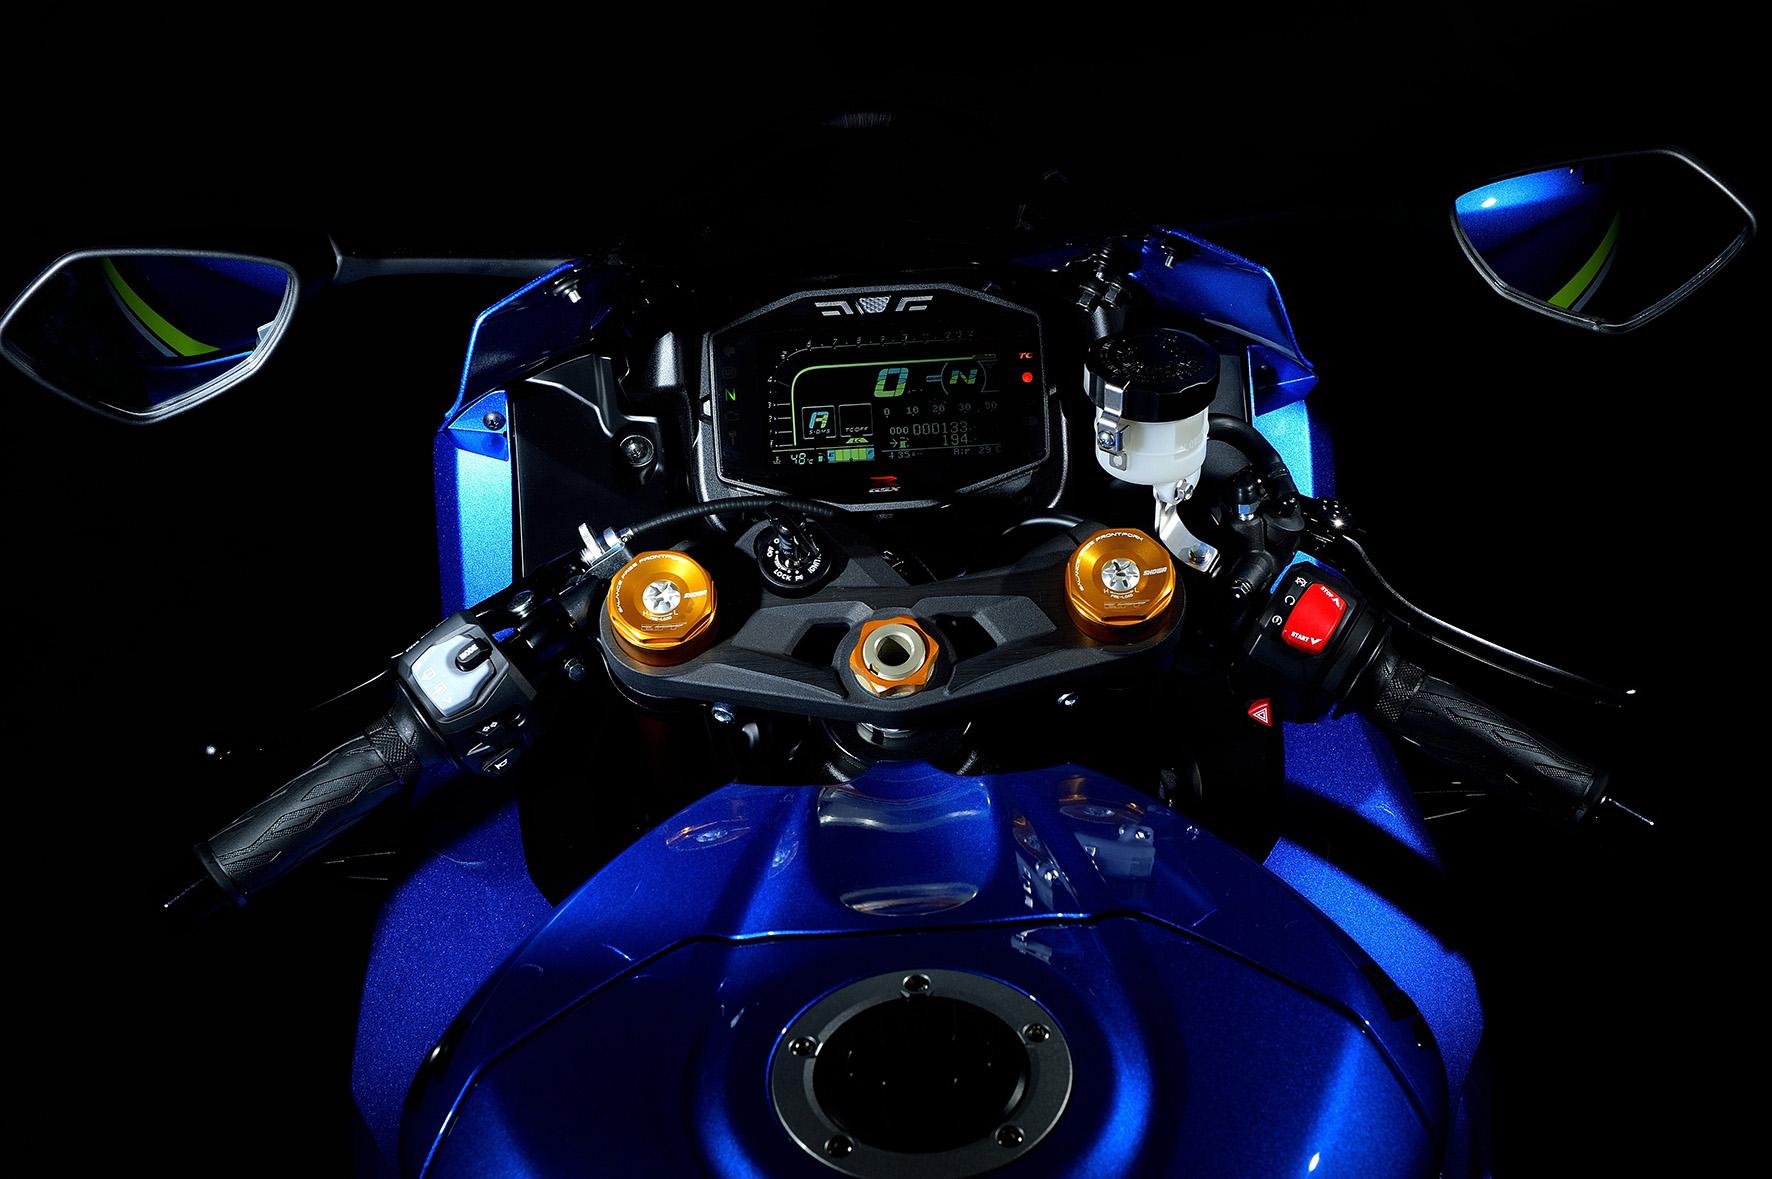 Detalhe do painel digital da nova Suzuki GSX-R 1000